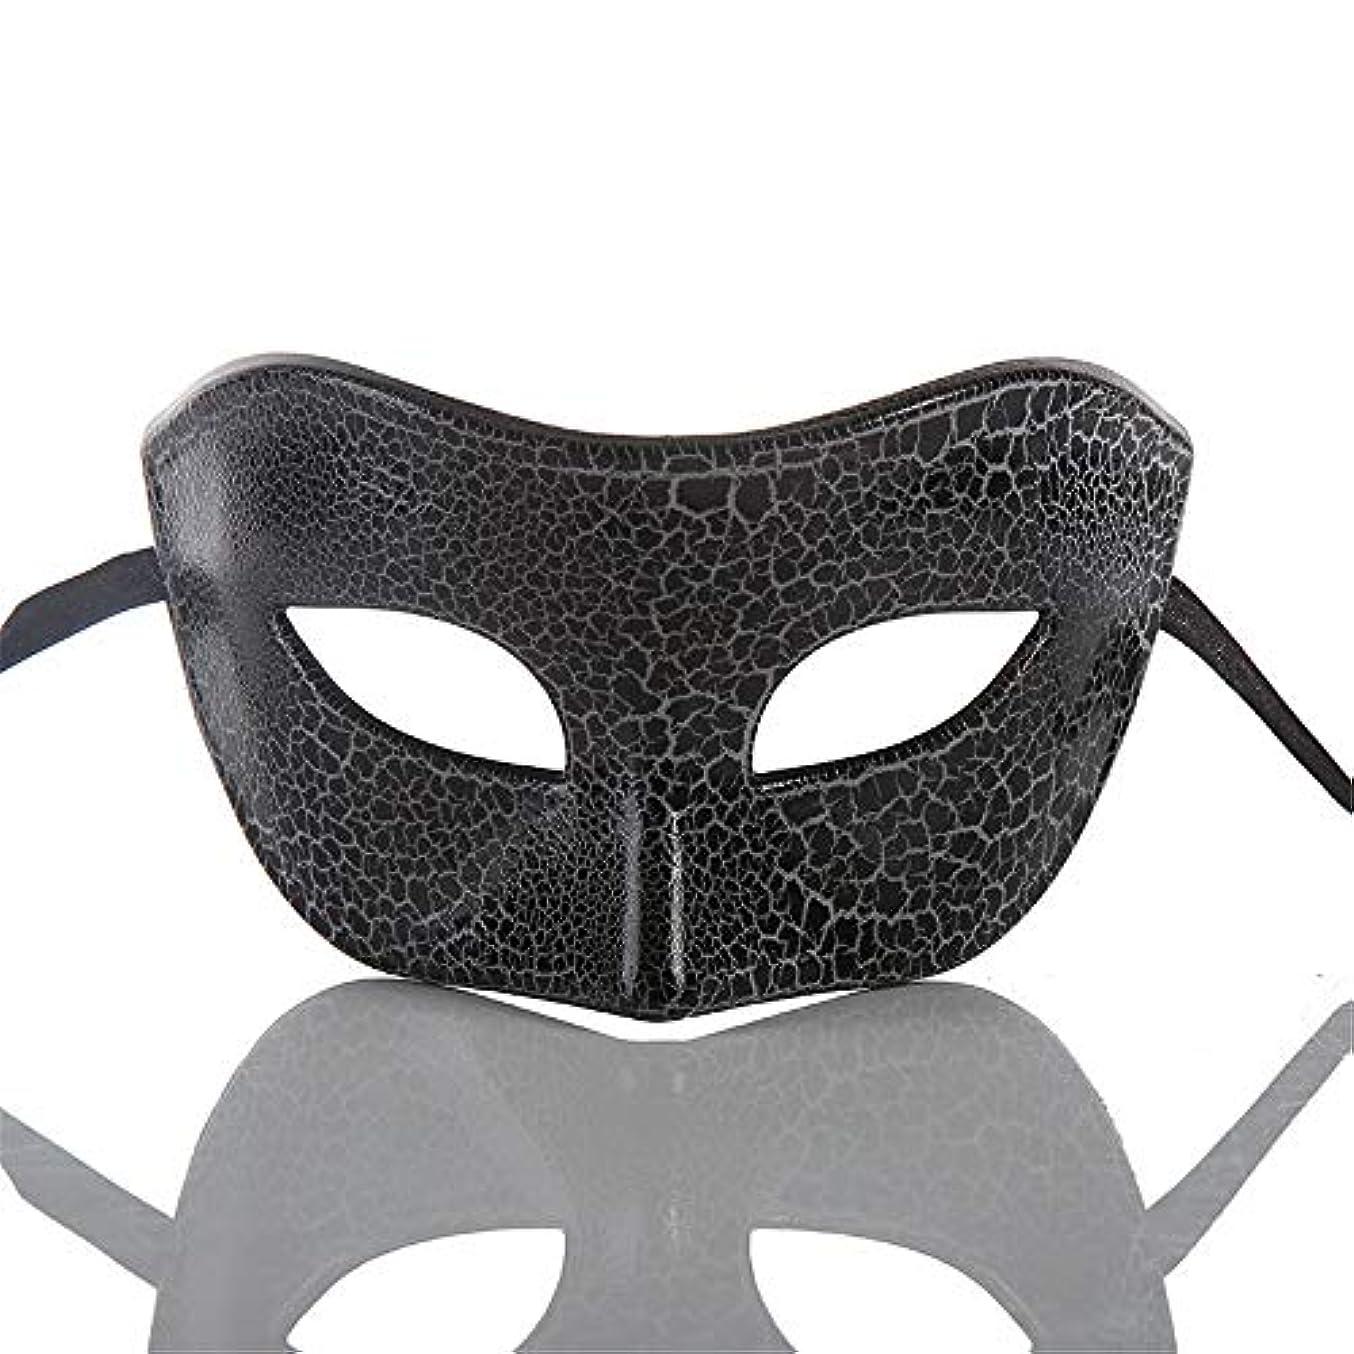 卵記念碑いうダンスマスク ハーフマスク新しいハロウィーンマスク仮装レトロコスプレメイクナイトクラブマスク雰囲気クリスマスお祝いプラスチックマスク ホリデーパーティー用品 (色 : ブラック, サイズ : 16.5x8cm)